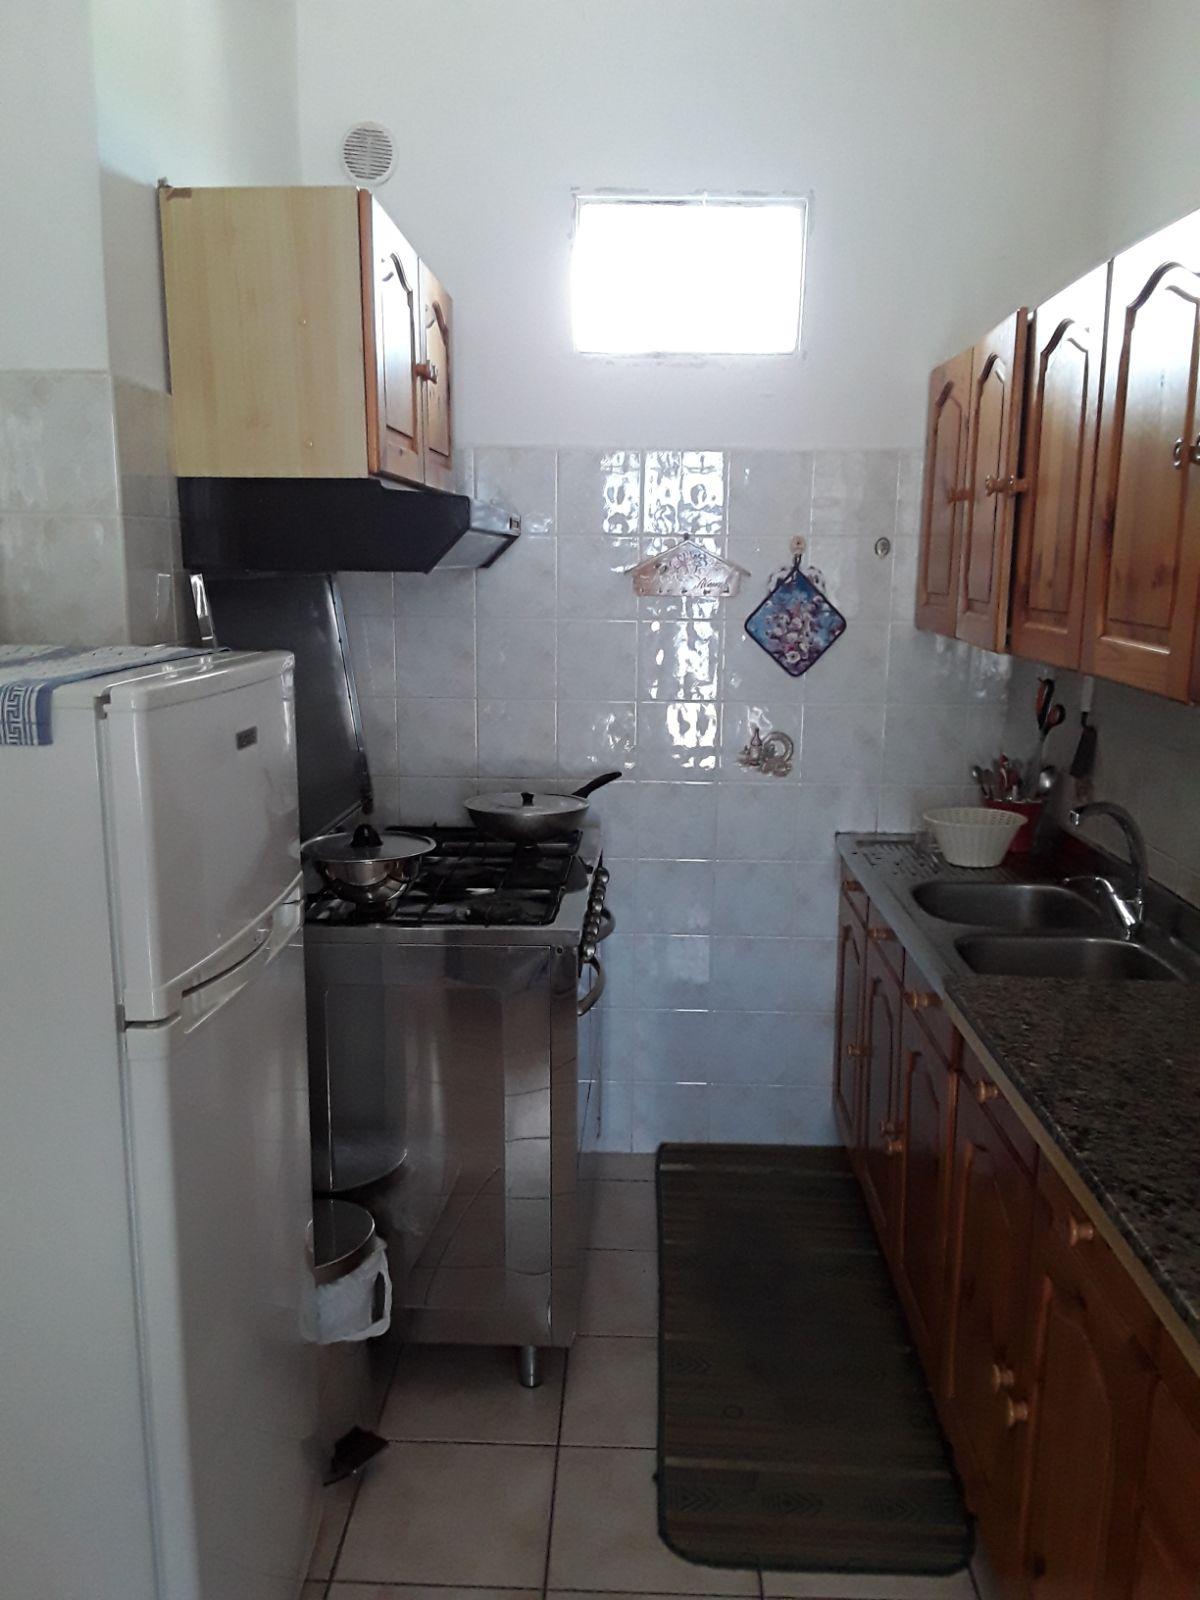 affitto casa vacanze mare rocca san giovanni 8729 (20180625150619-2018-45920-NDP.jpg)